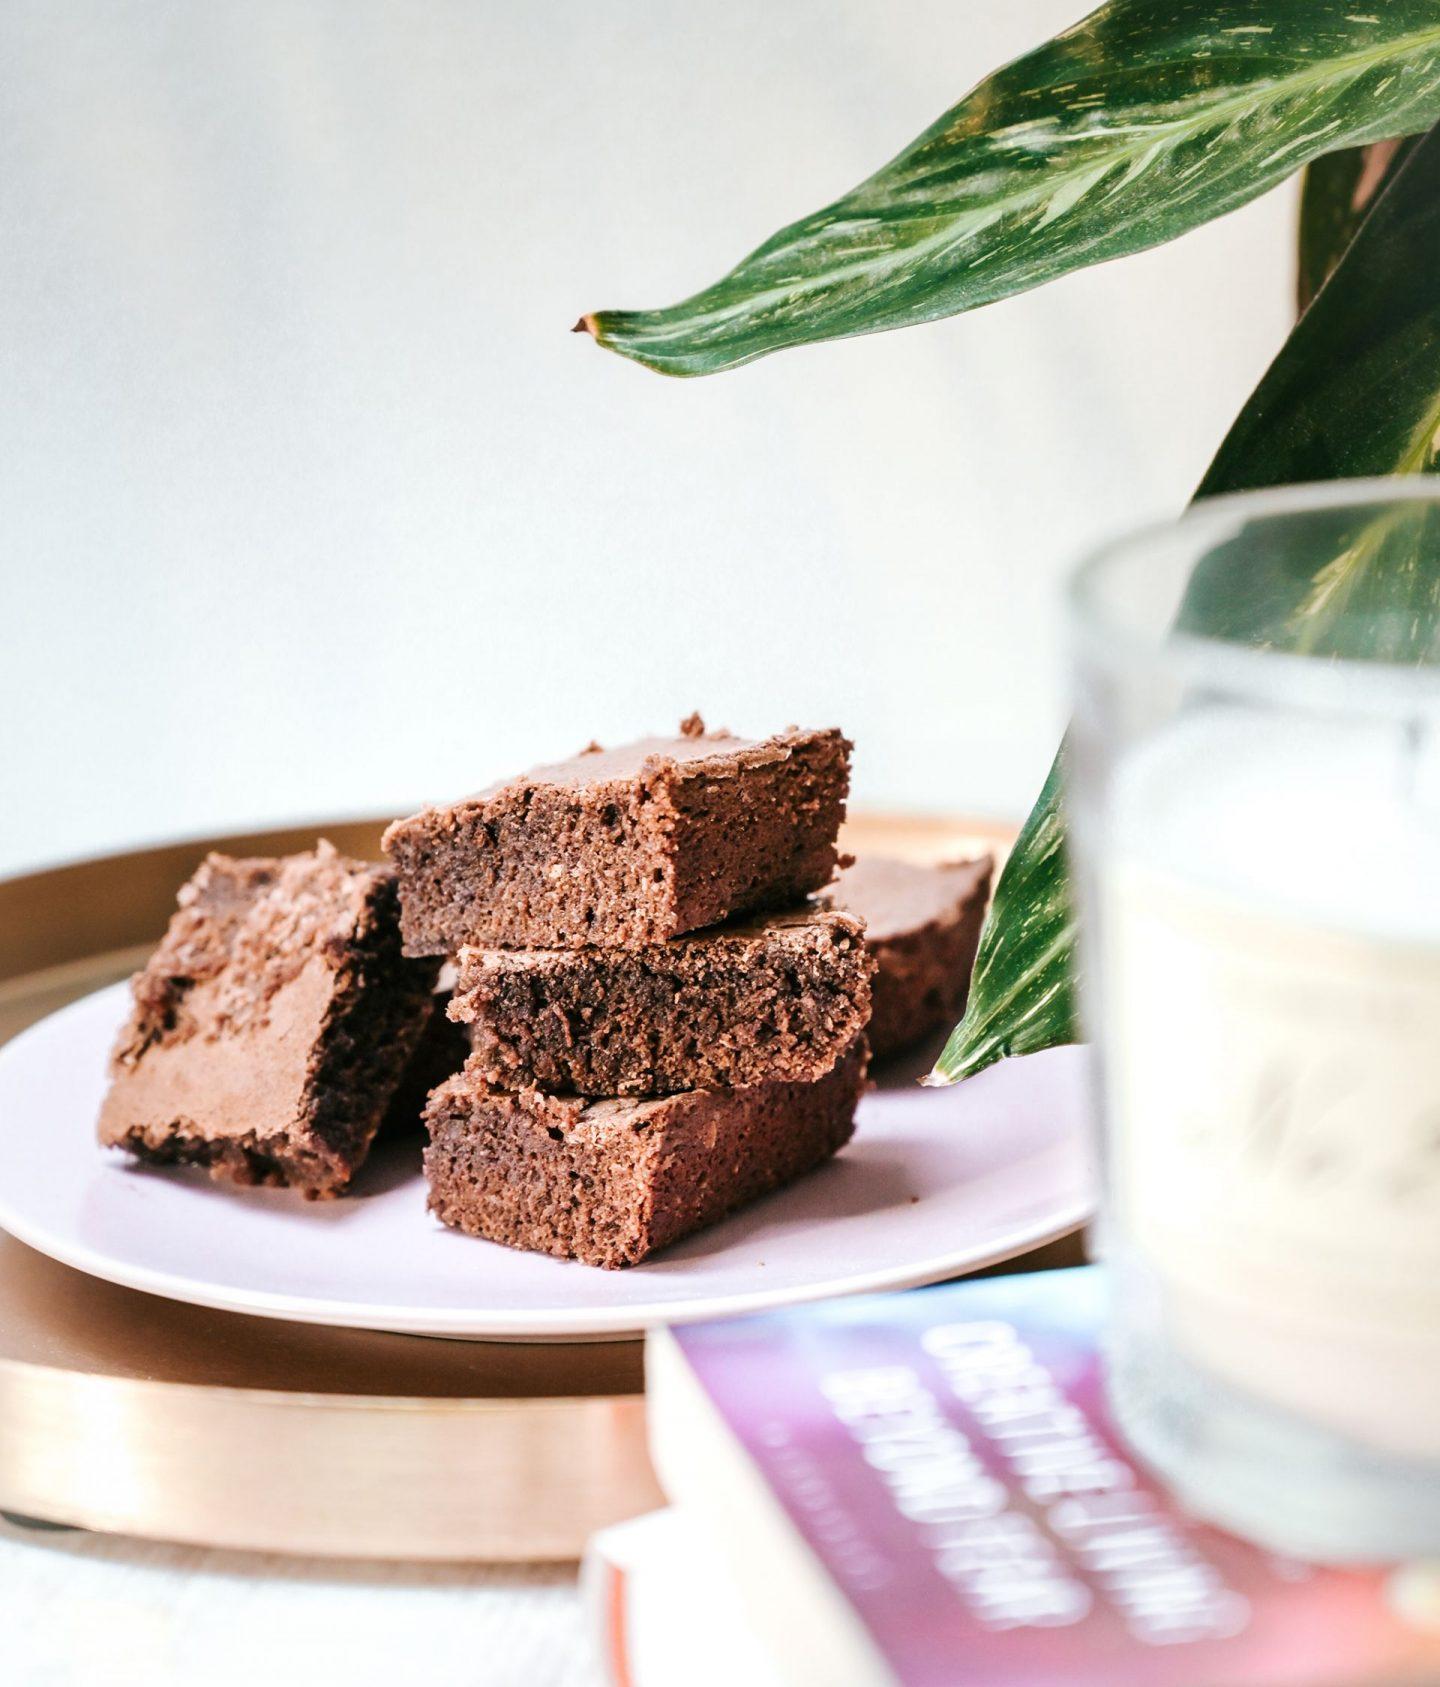 čokoladni browniji recept